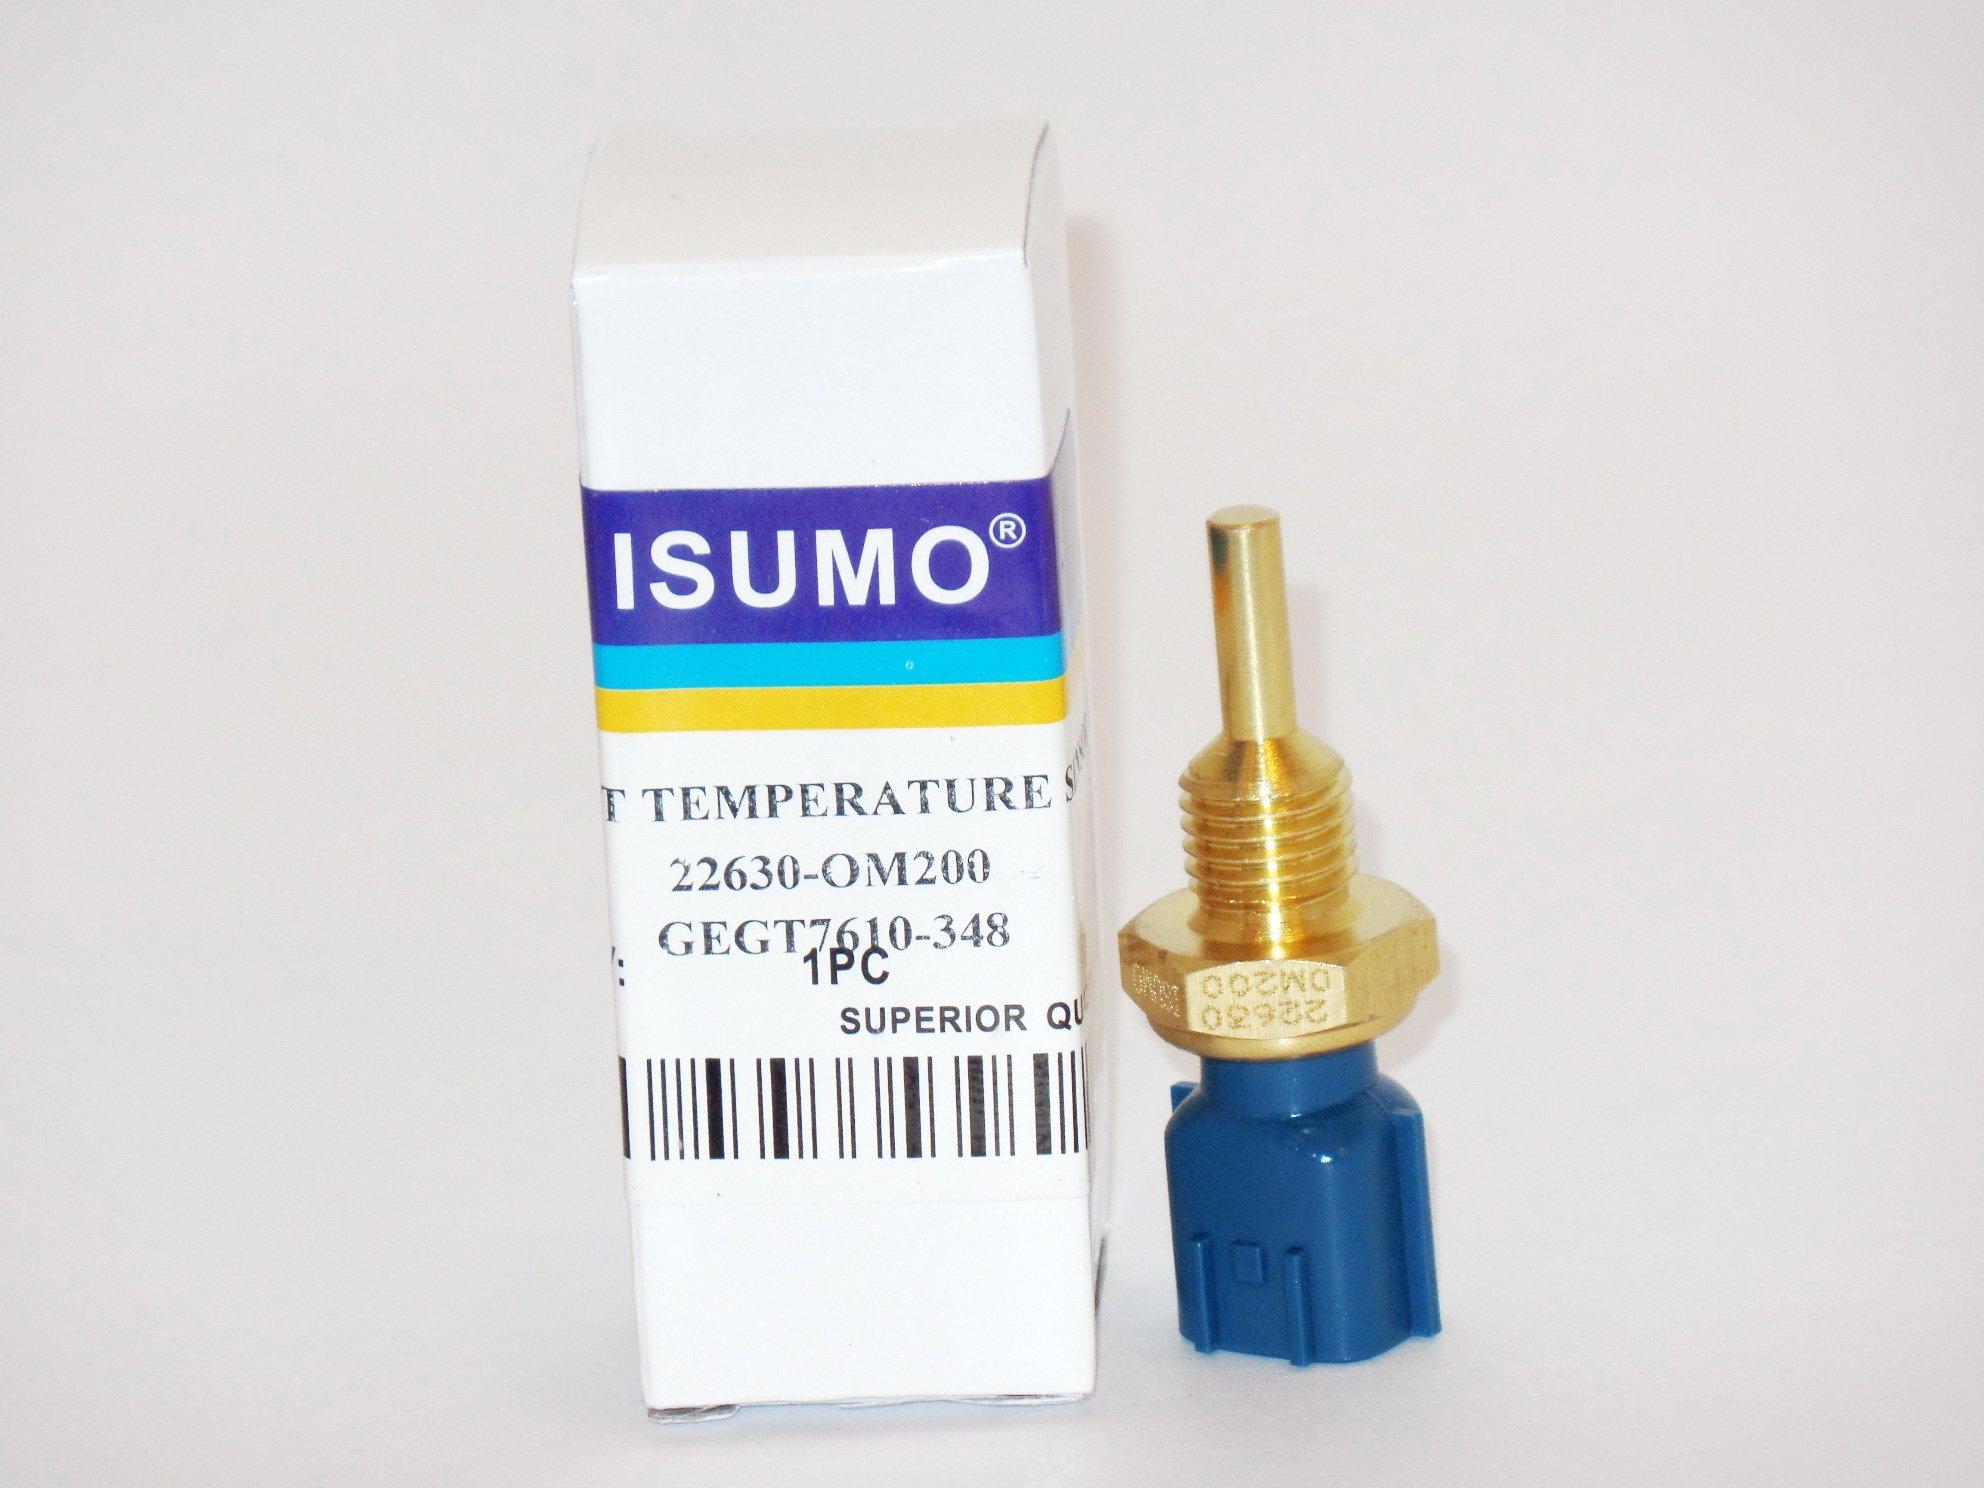 Coolant Temperature Sensor 22630-0M200 - TS10064 - 5S1522 - SU4072 - TX78 Fits:Infiniti FX35 (07-03) Infiniti FX45 (08-03) Infiniti FX50 (10) Infiniti G35 (06-03) Infiniti I30 (01-96) Infiniti I35 (04-02) Infiniti J30 (97-96) Infiniti M35 (08-06) Infiniti